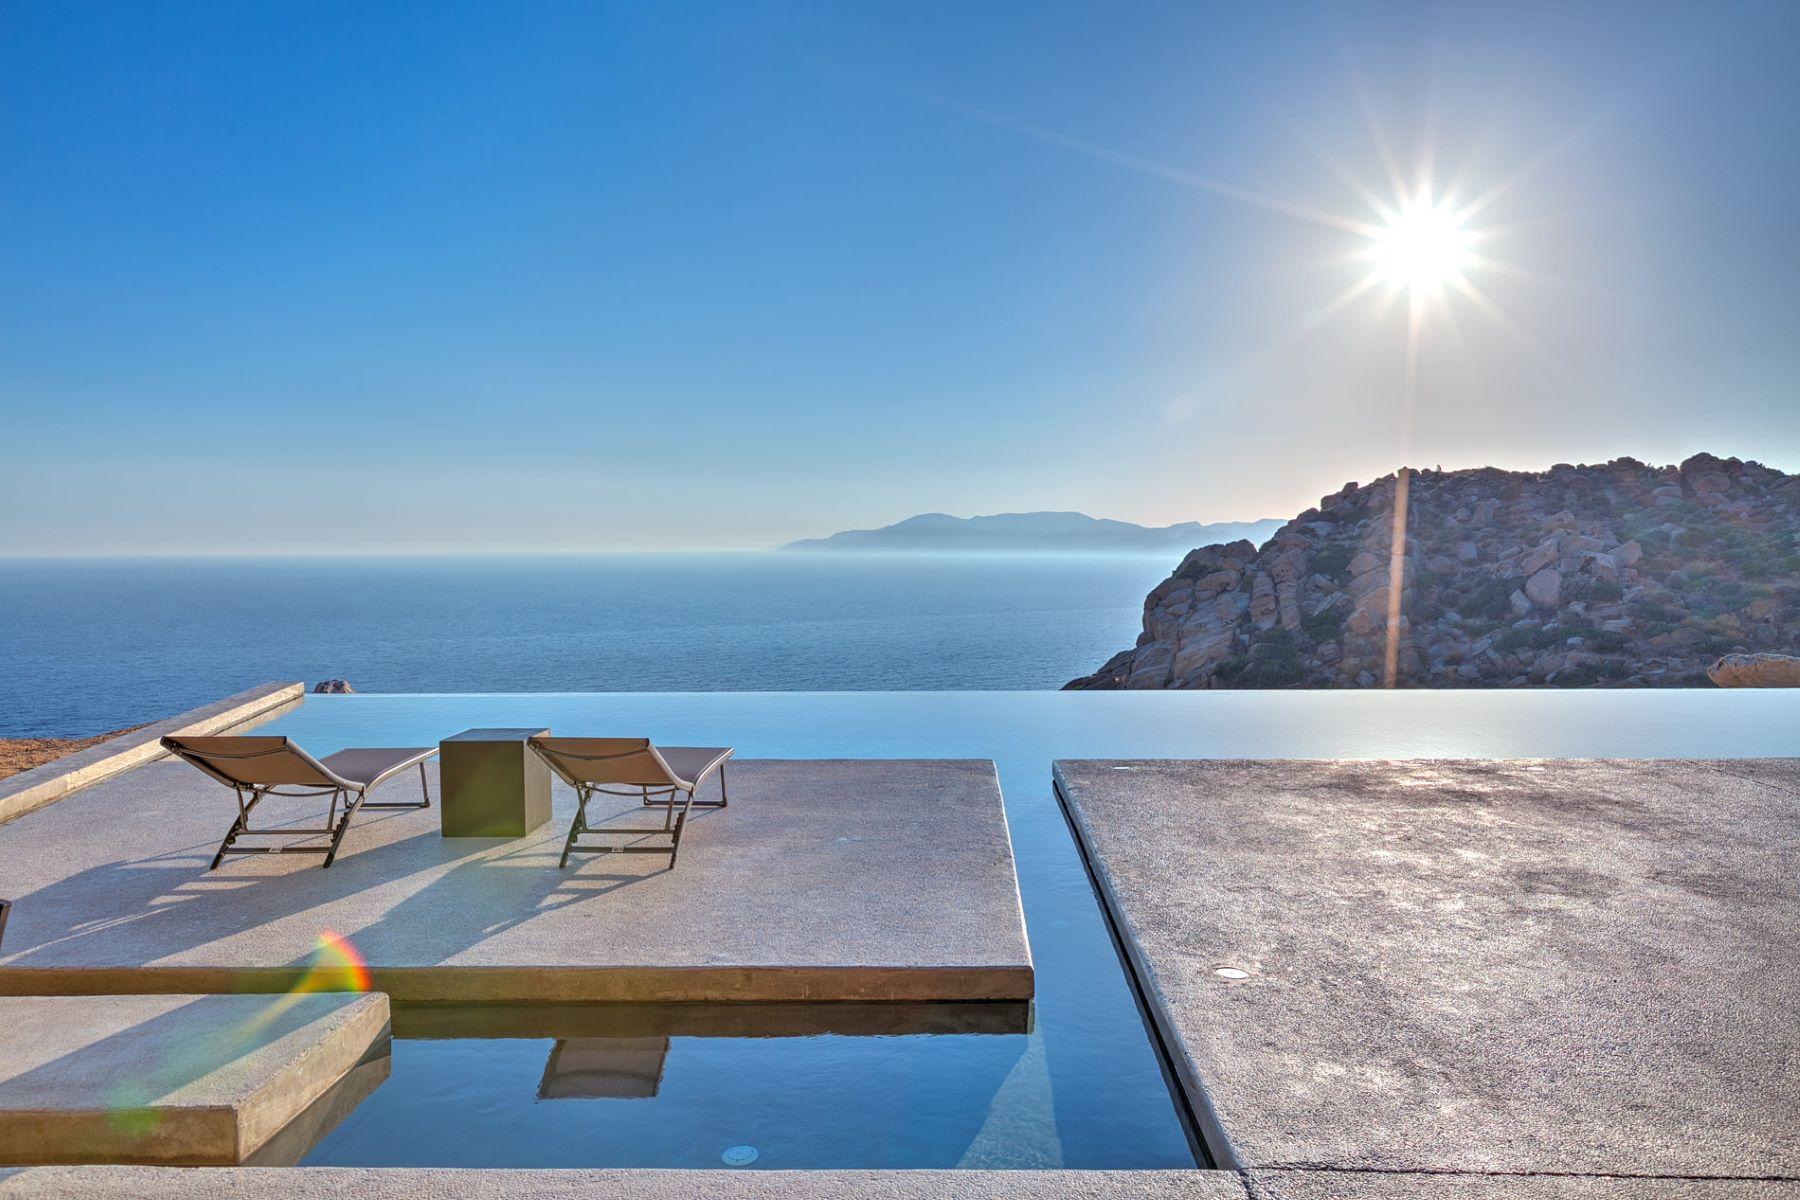 Casa Unifamiliar por un Venta en Status Ios, Egeo Meridional, Grecia